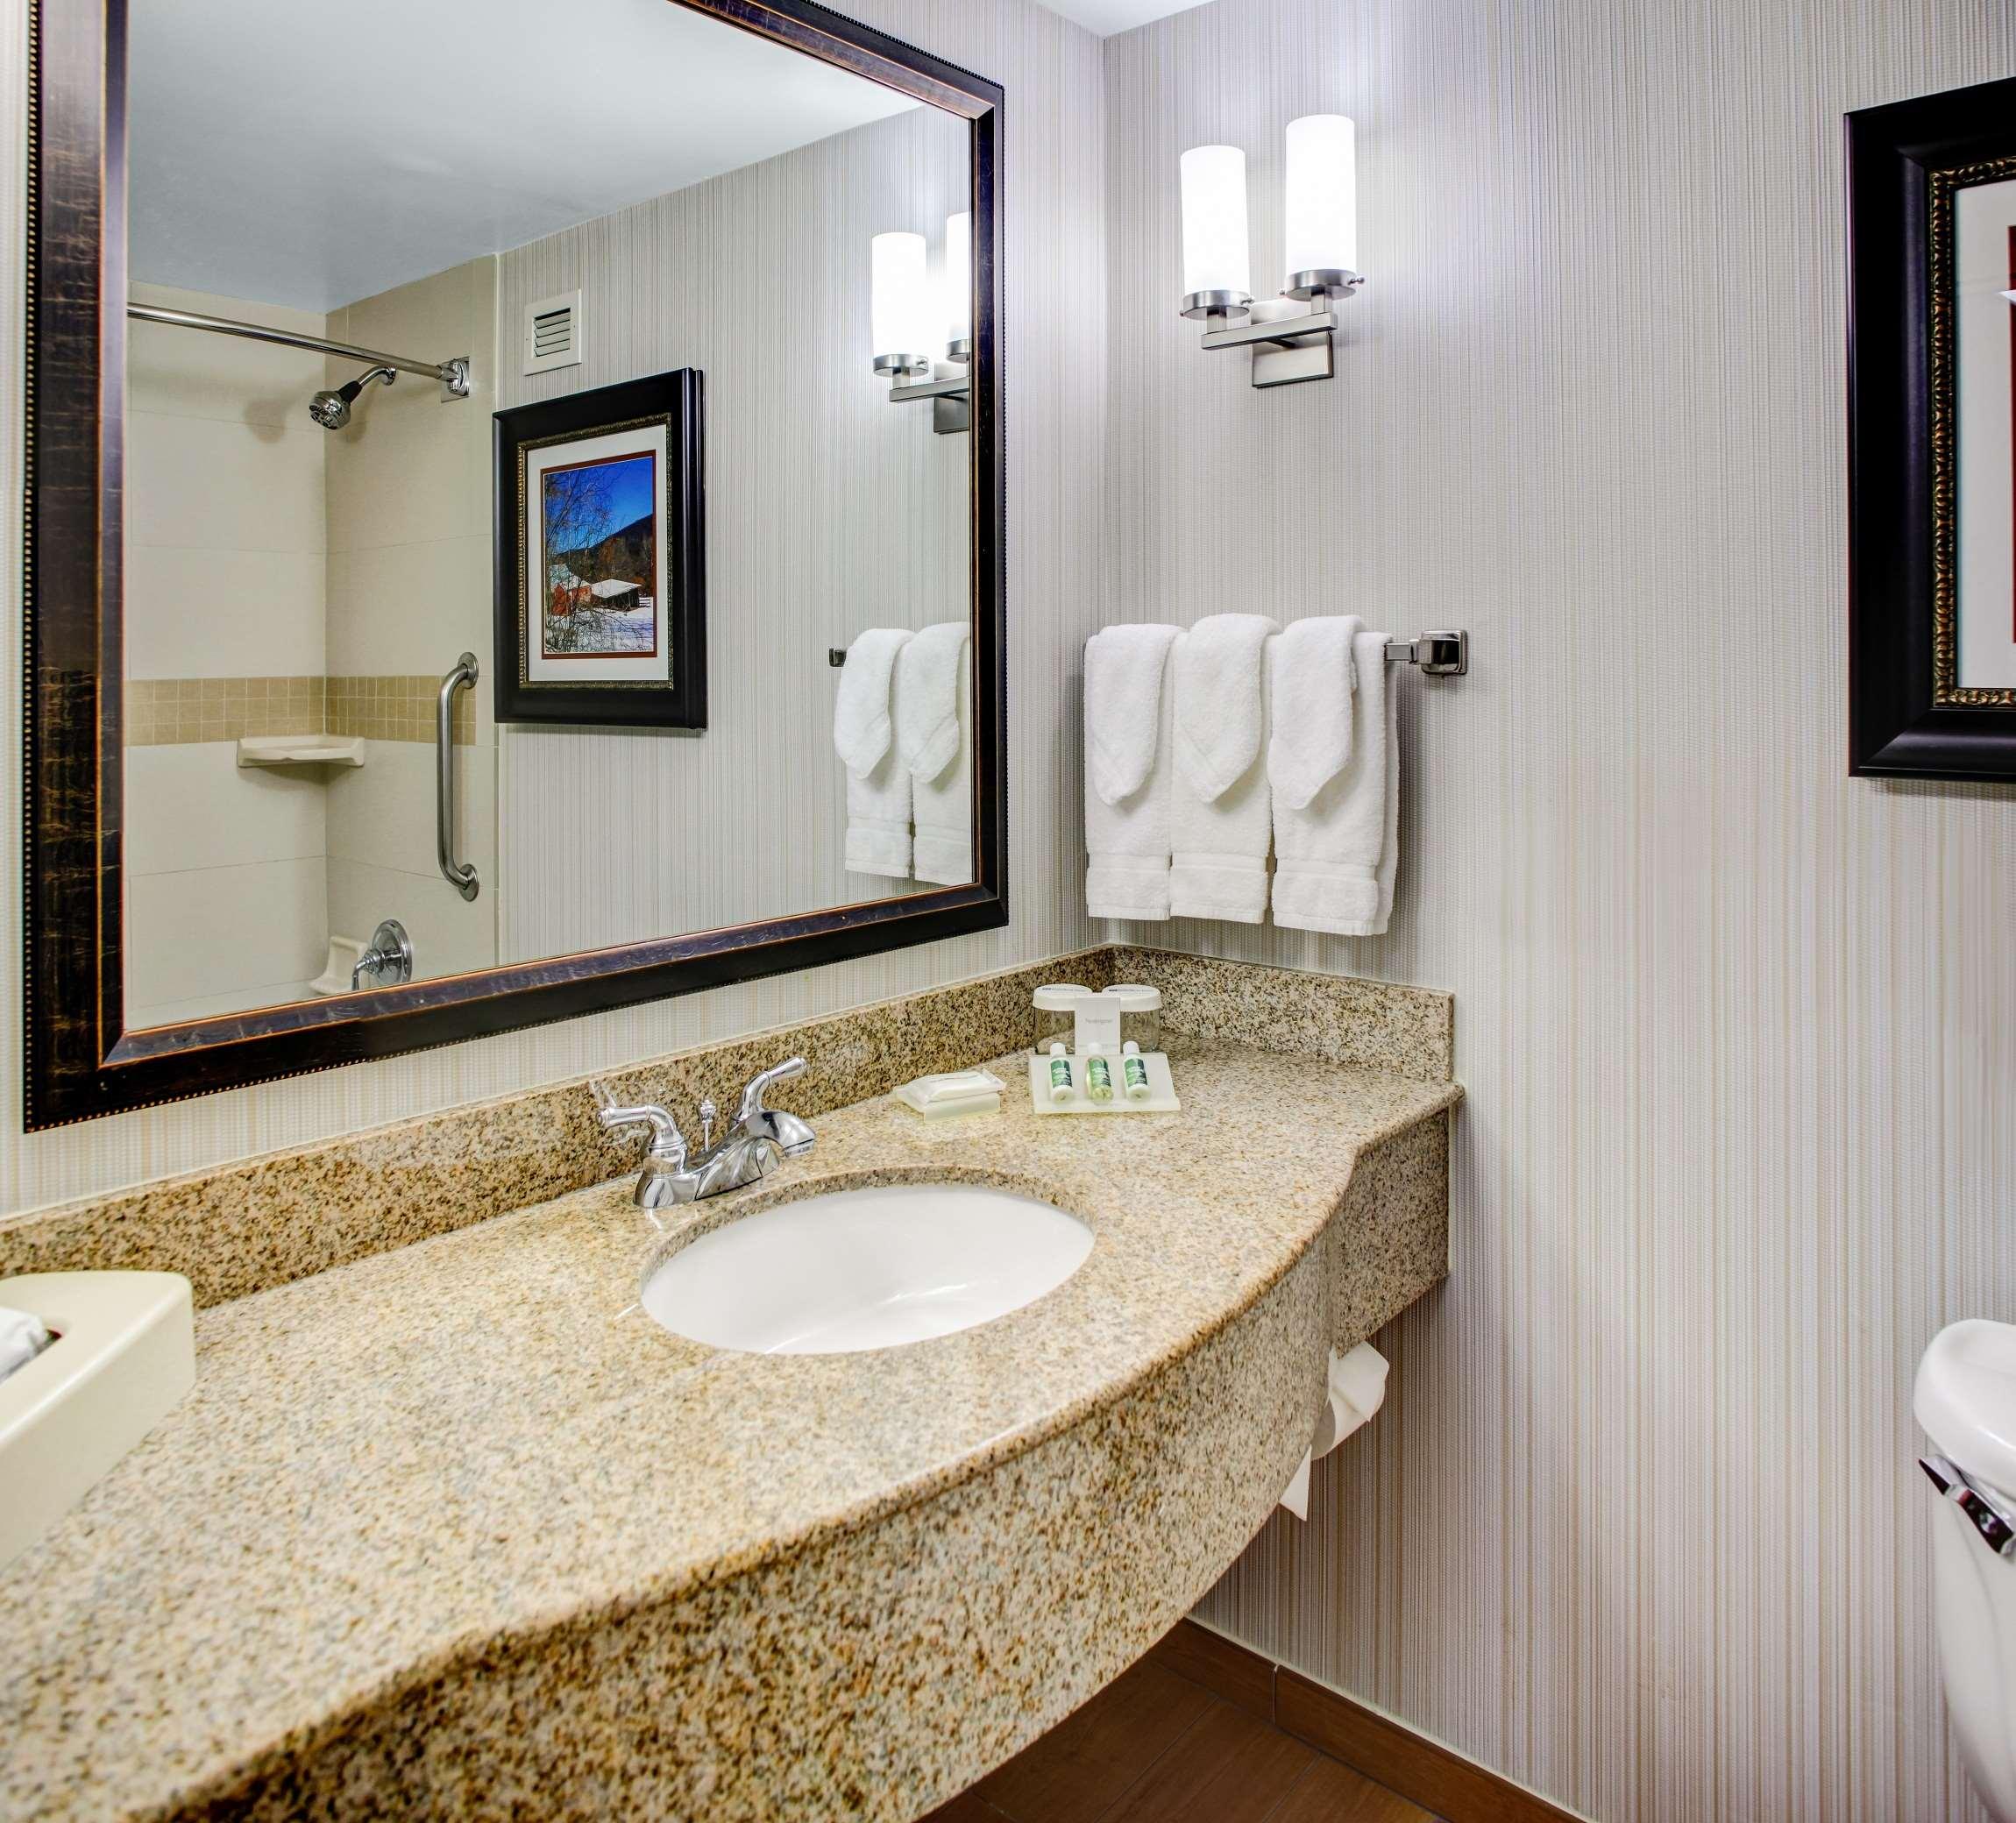 Hilton Garden Inn Danbury image 30